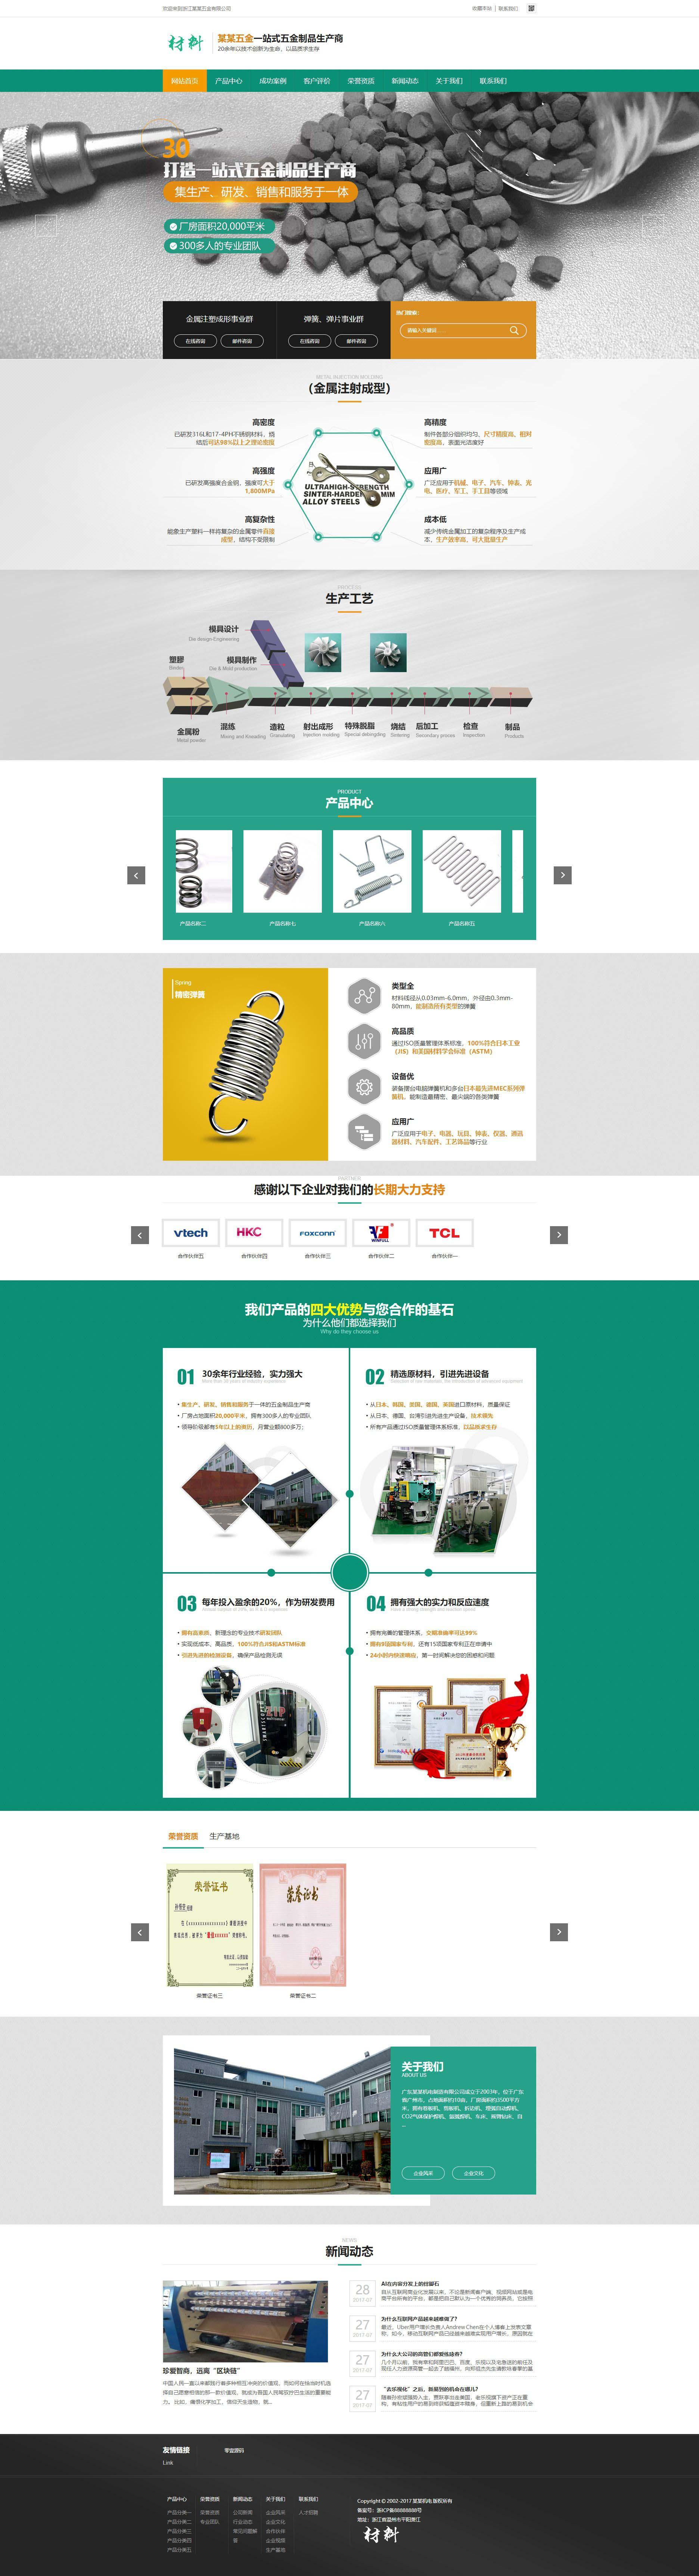 营销型精密材料模具五金类网站织梦dedecms模板(带手机端)